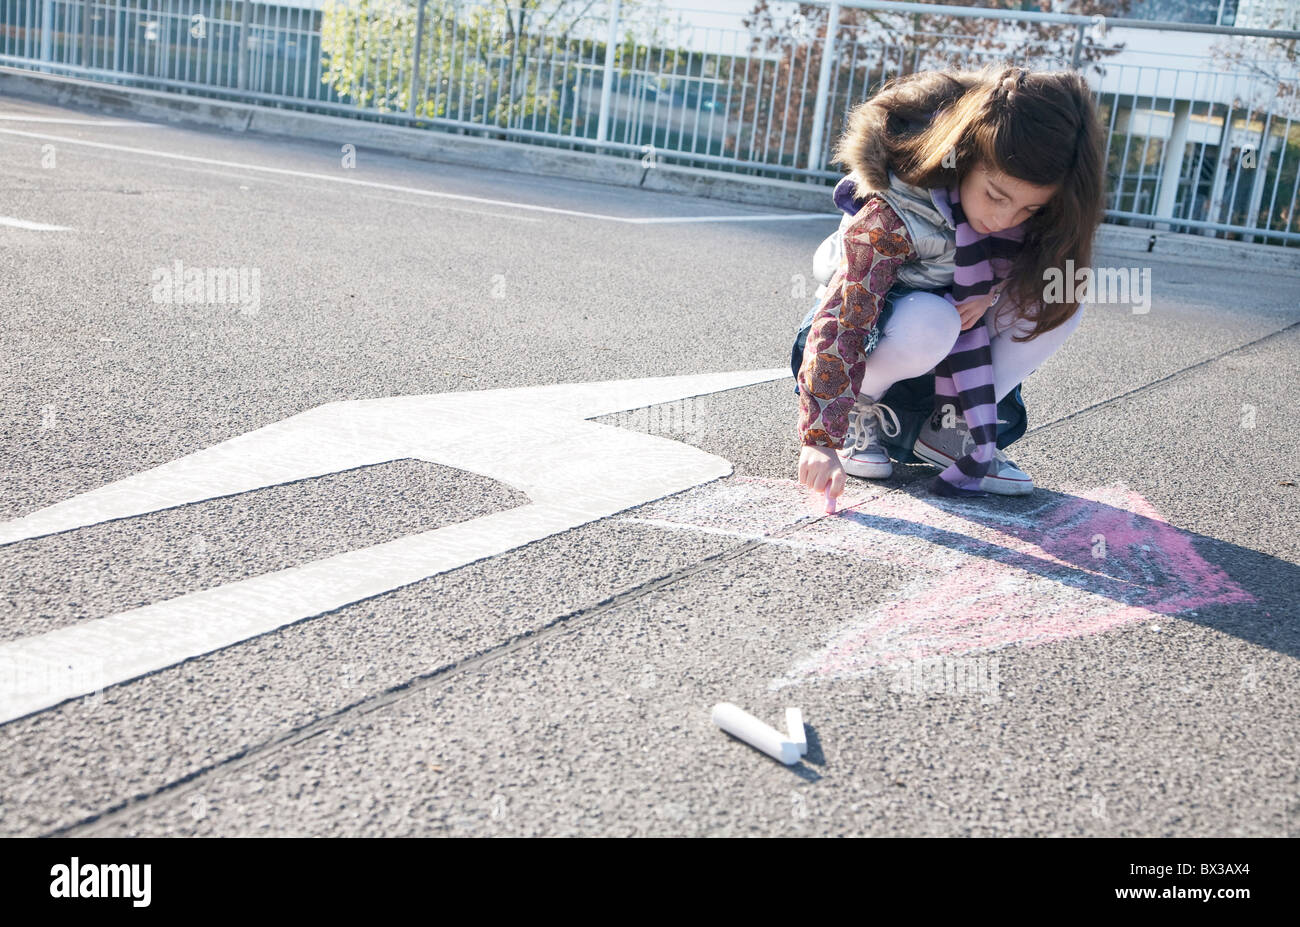 junges Mädchen zeichnen Pfeil in Gegenrichtung von Verkehrszeichen Stockbild